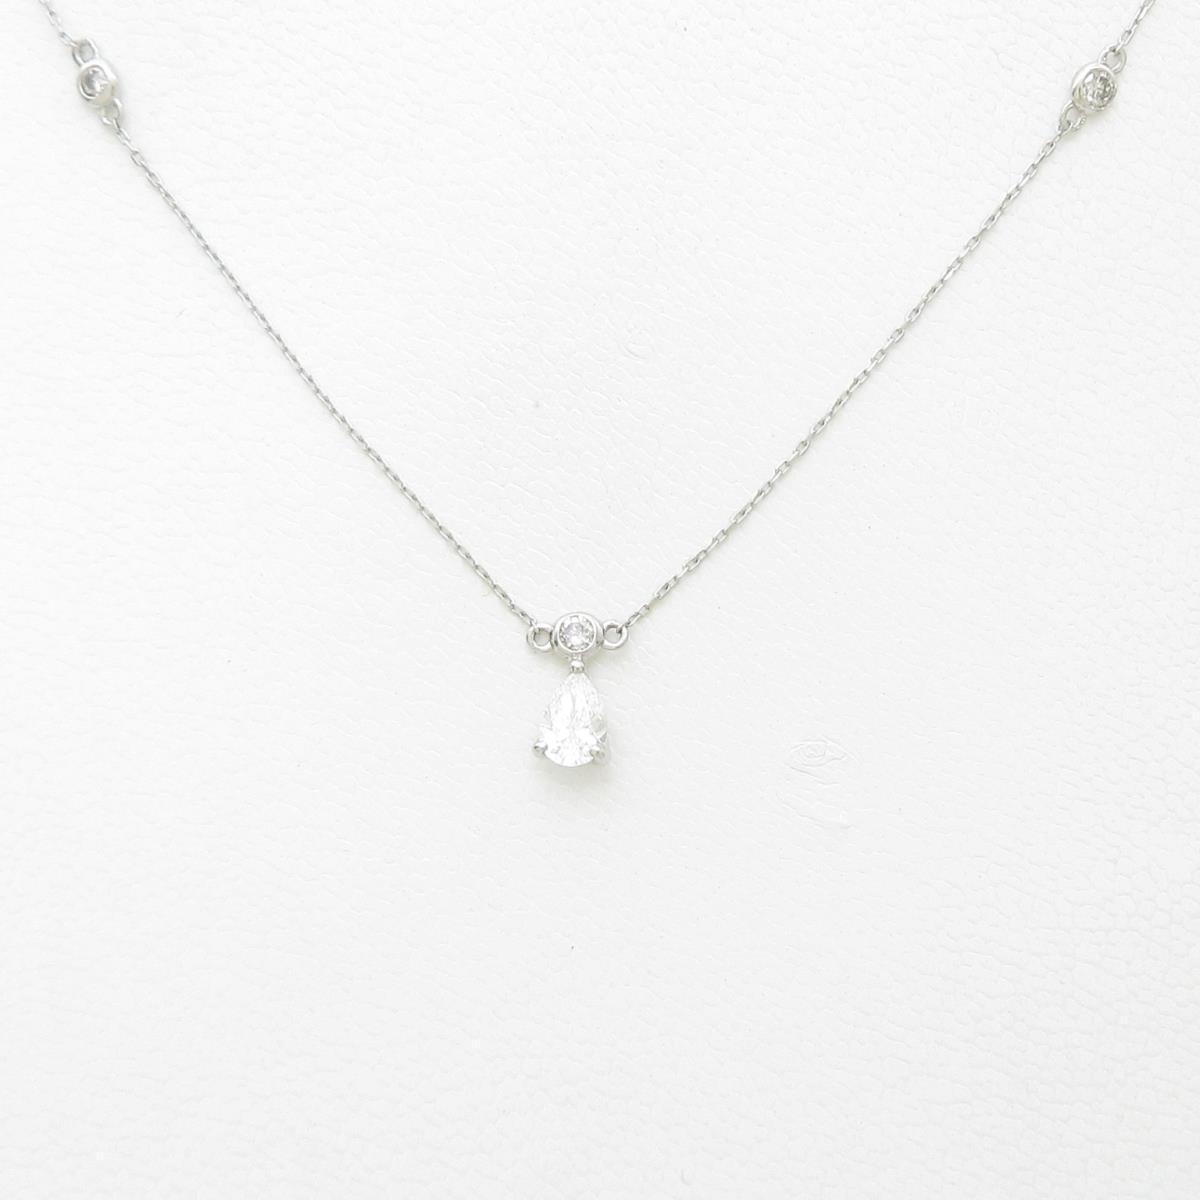 プラチナダイヤモンドネックレス 0.302ct・D・VVS1・ペアシェイプ【中古】